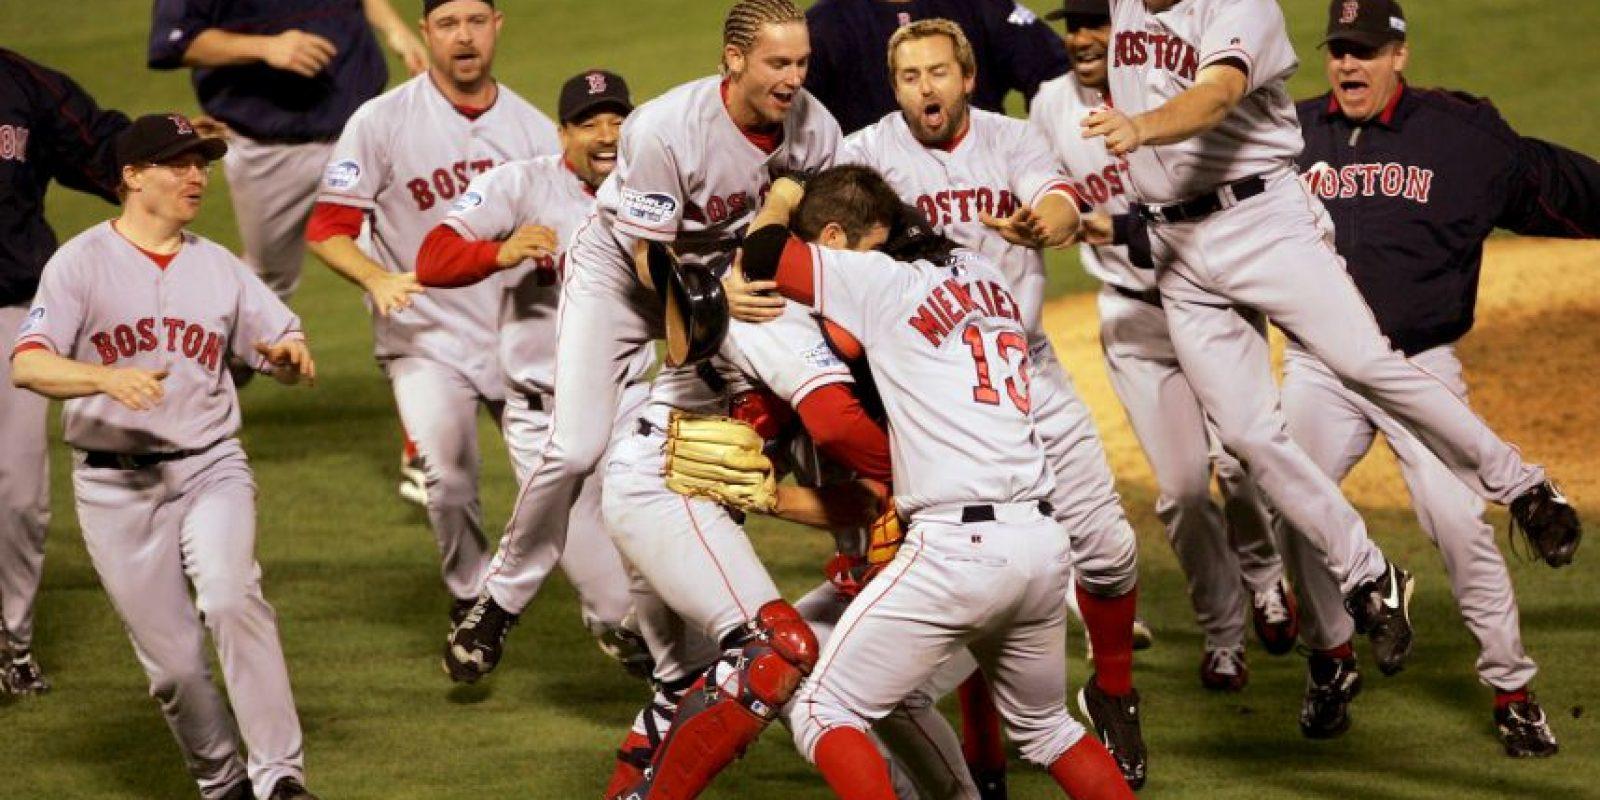 2004 – Red Sox de Boston / Vencieron a los Cardenales de San Luis en cuatro juegos. Foto:Getty Images